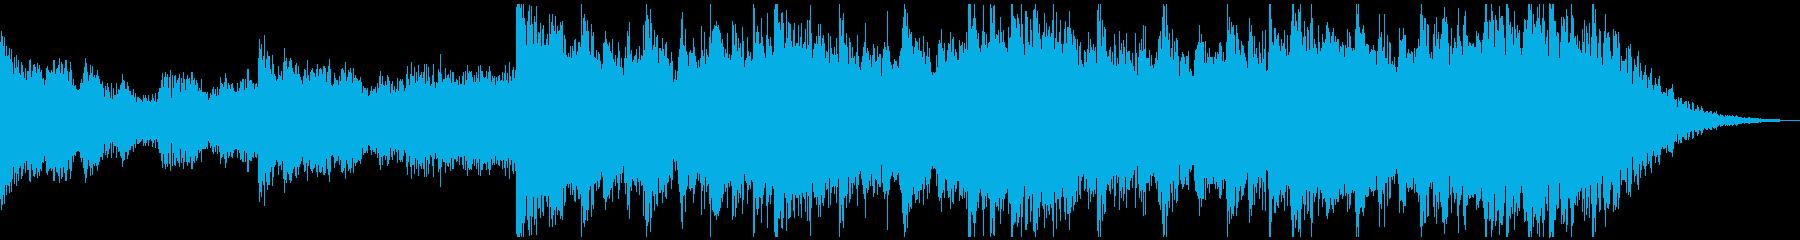 現代の交響曲 神経質 心に強く訴え...の再生済みの波形